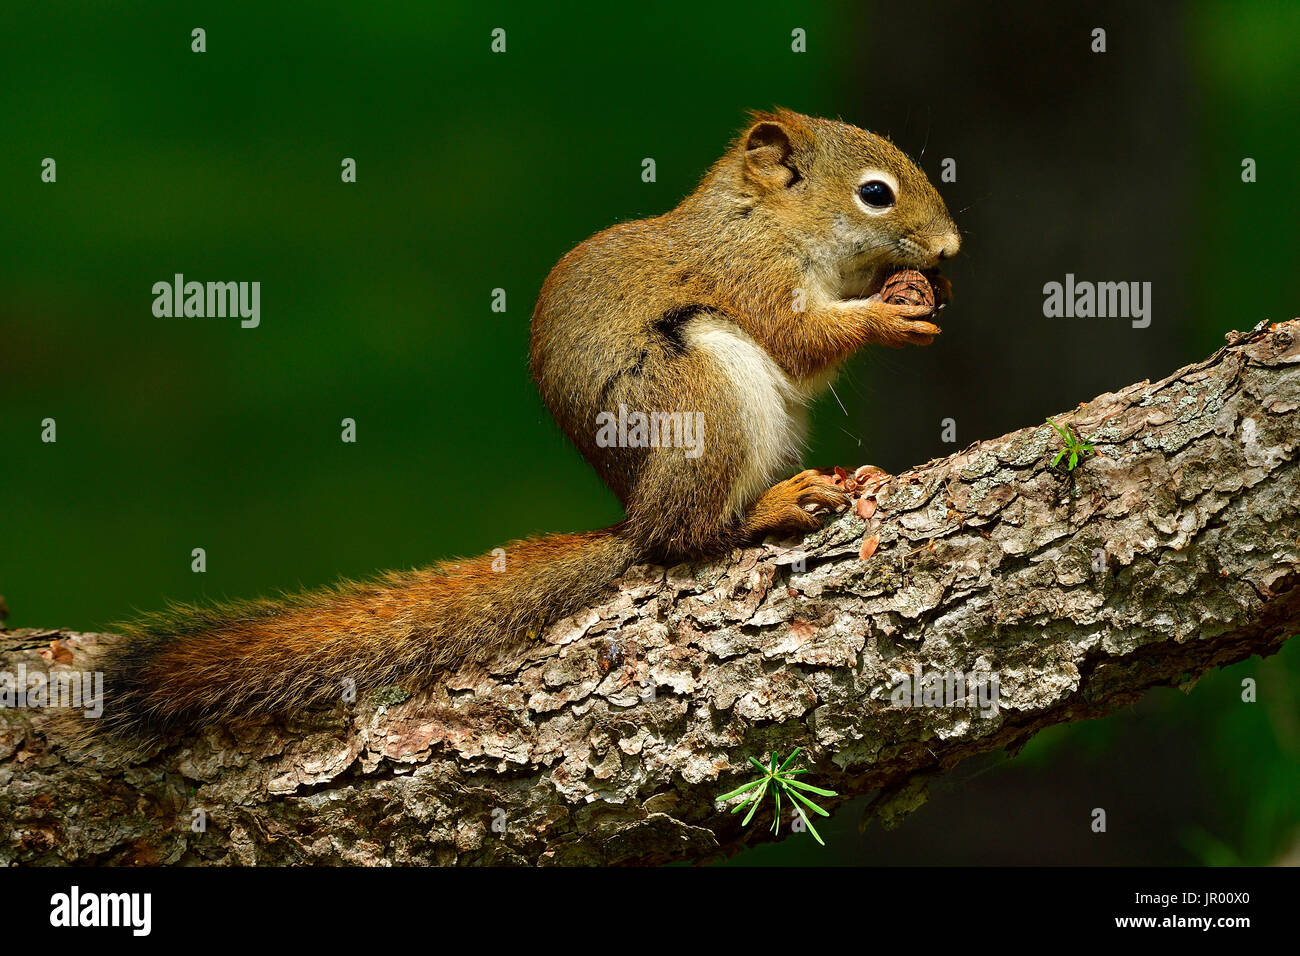 Un écureuil roux (Tamiasciurus hudsonicus); assis sur une branche d'arbre tenant un cône de l'épinette entre ses pattes. Photo Stock